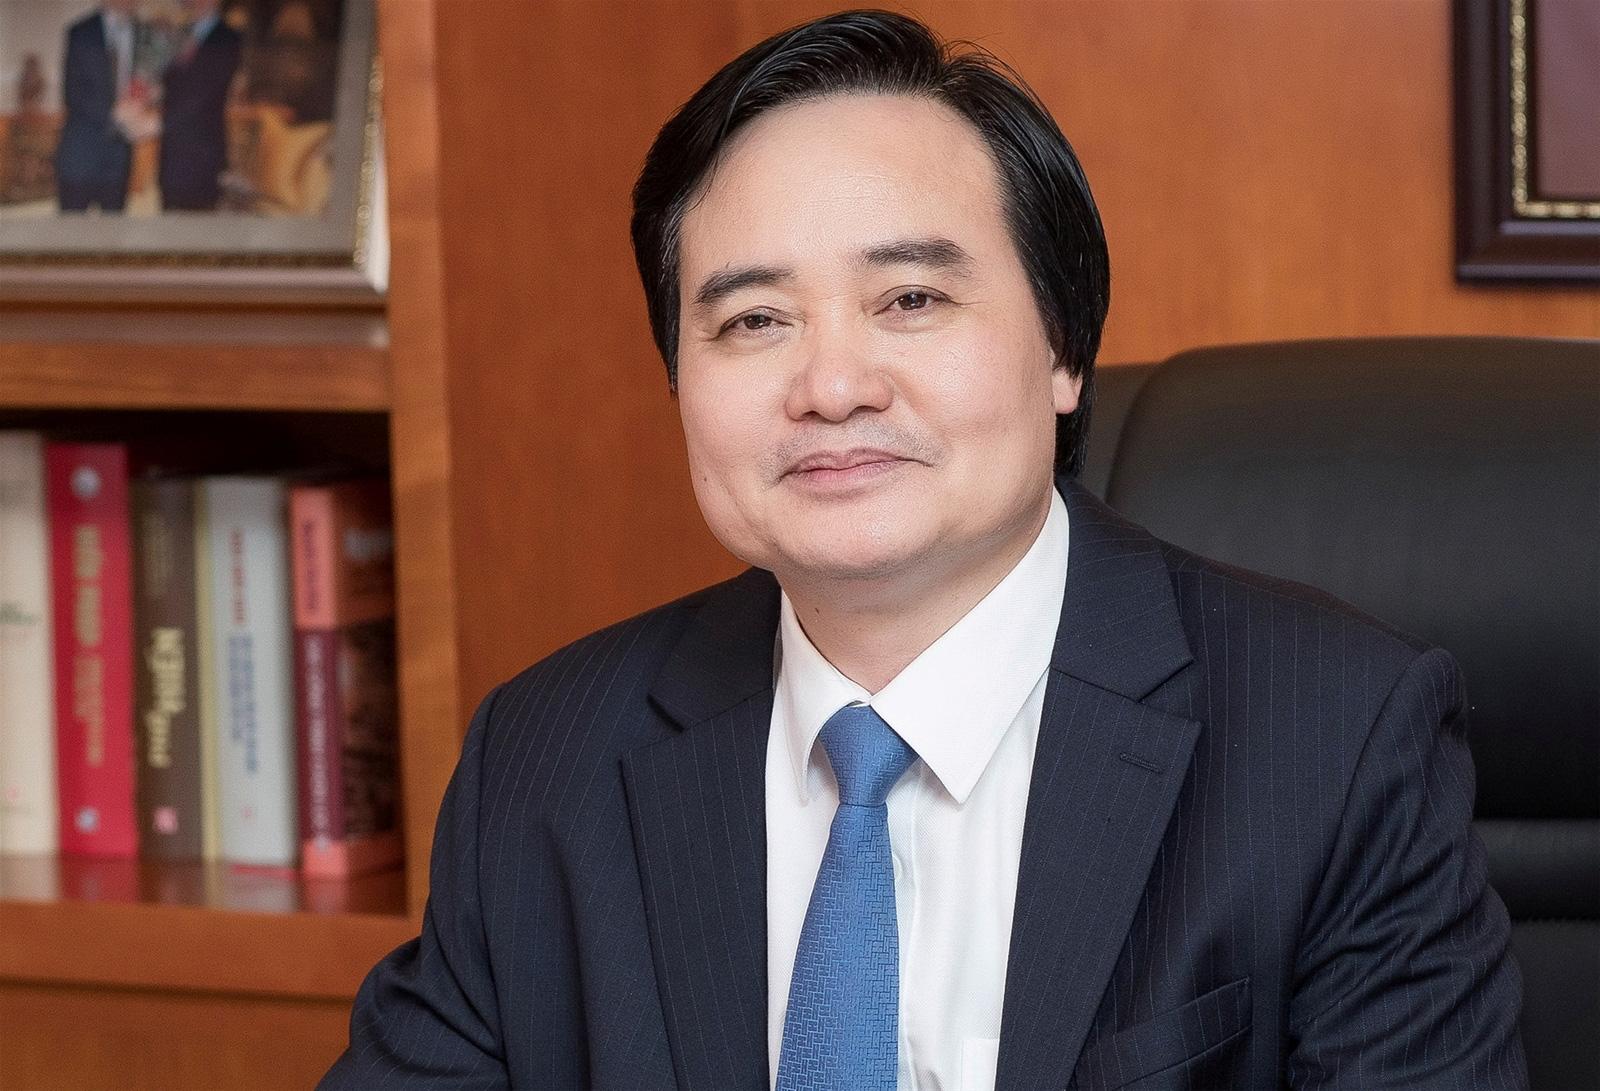 Bộ trưởng Phùng Xuân Nhạ: Bảo đảm kỳ thi tốt nghiệp THPT nghiêm túc, trung thực-1